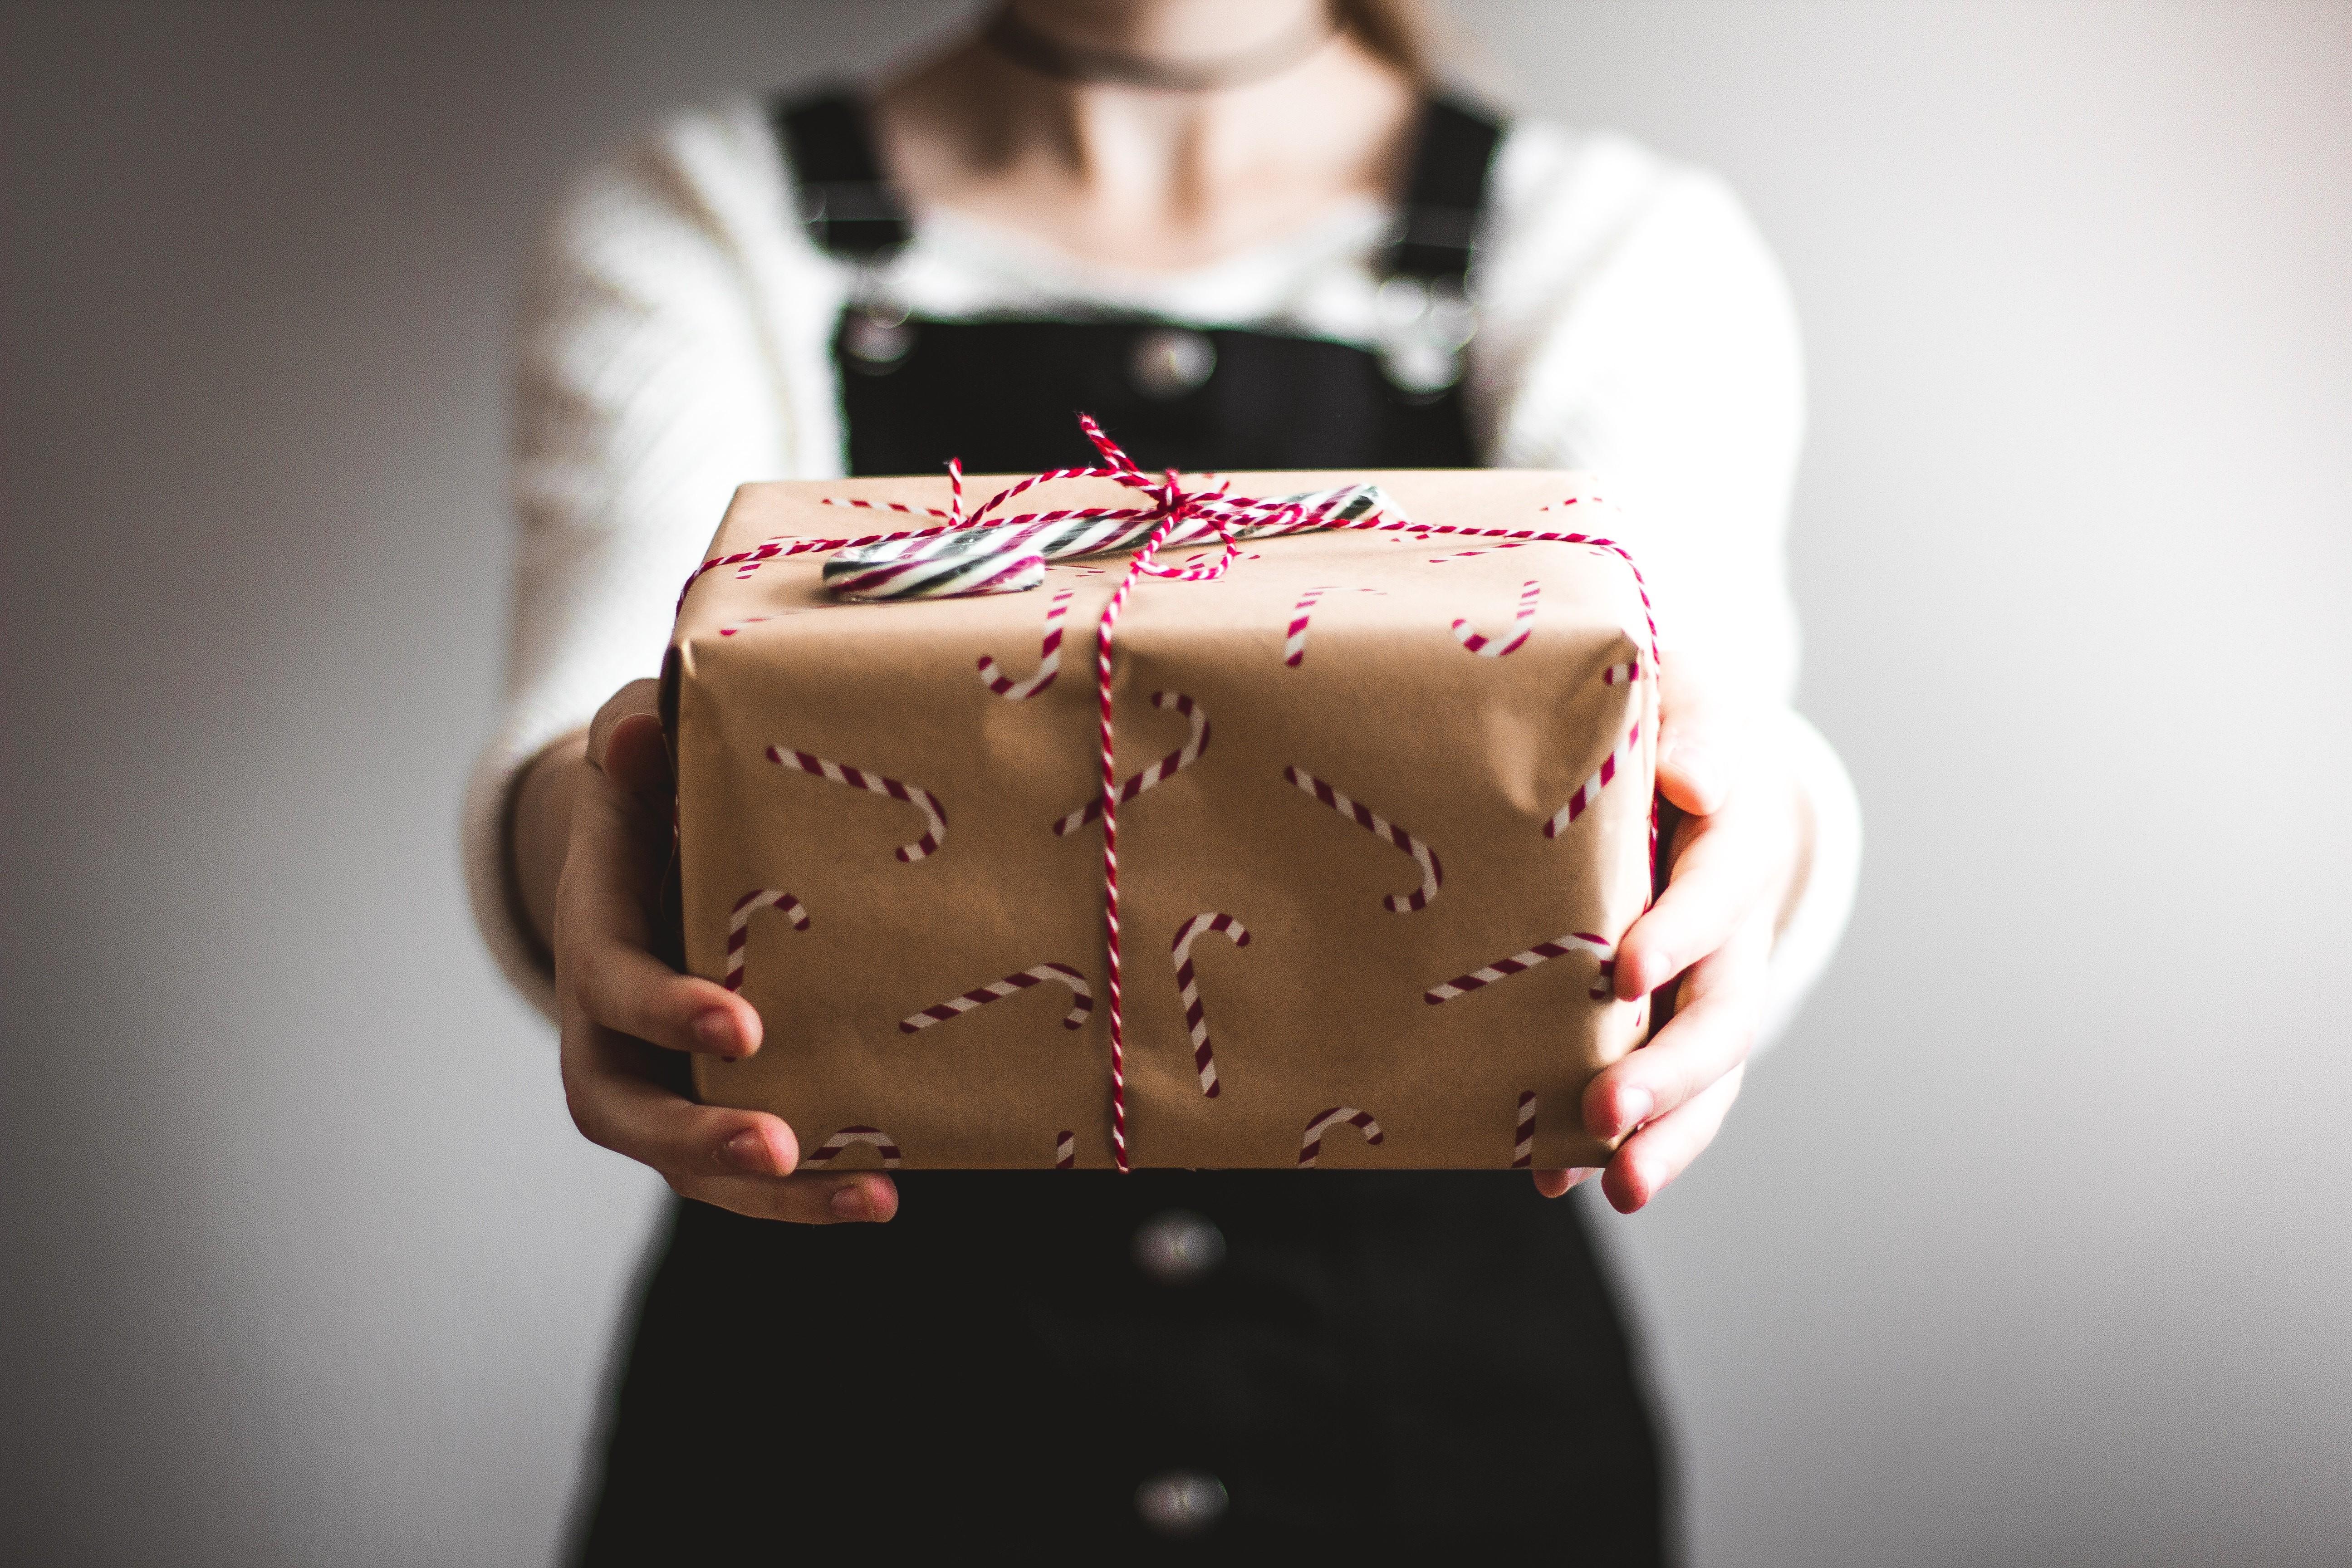 J-33 avant Noël : 7 idées de cadeaux inratables